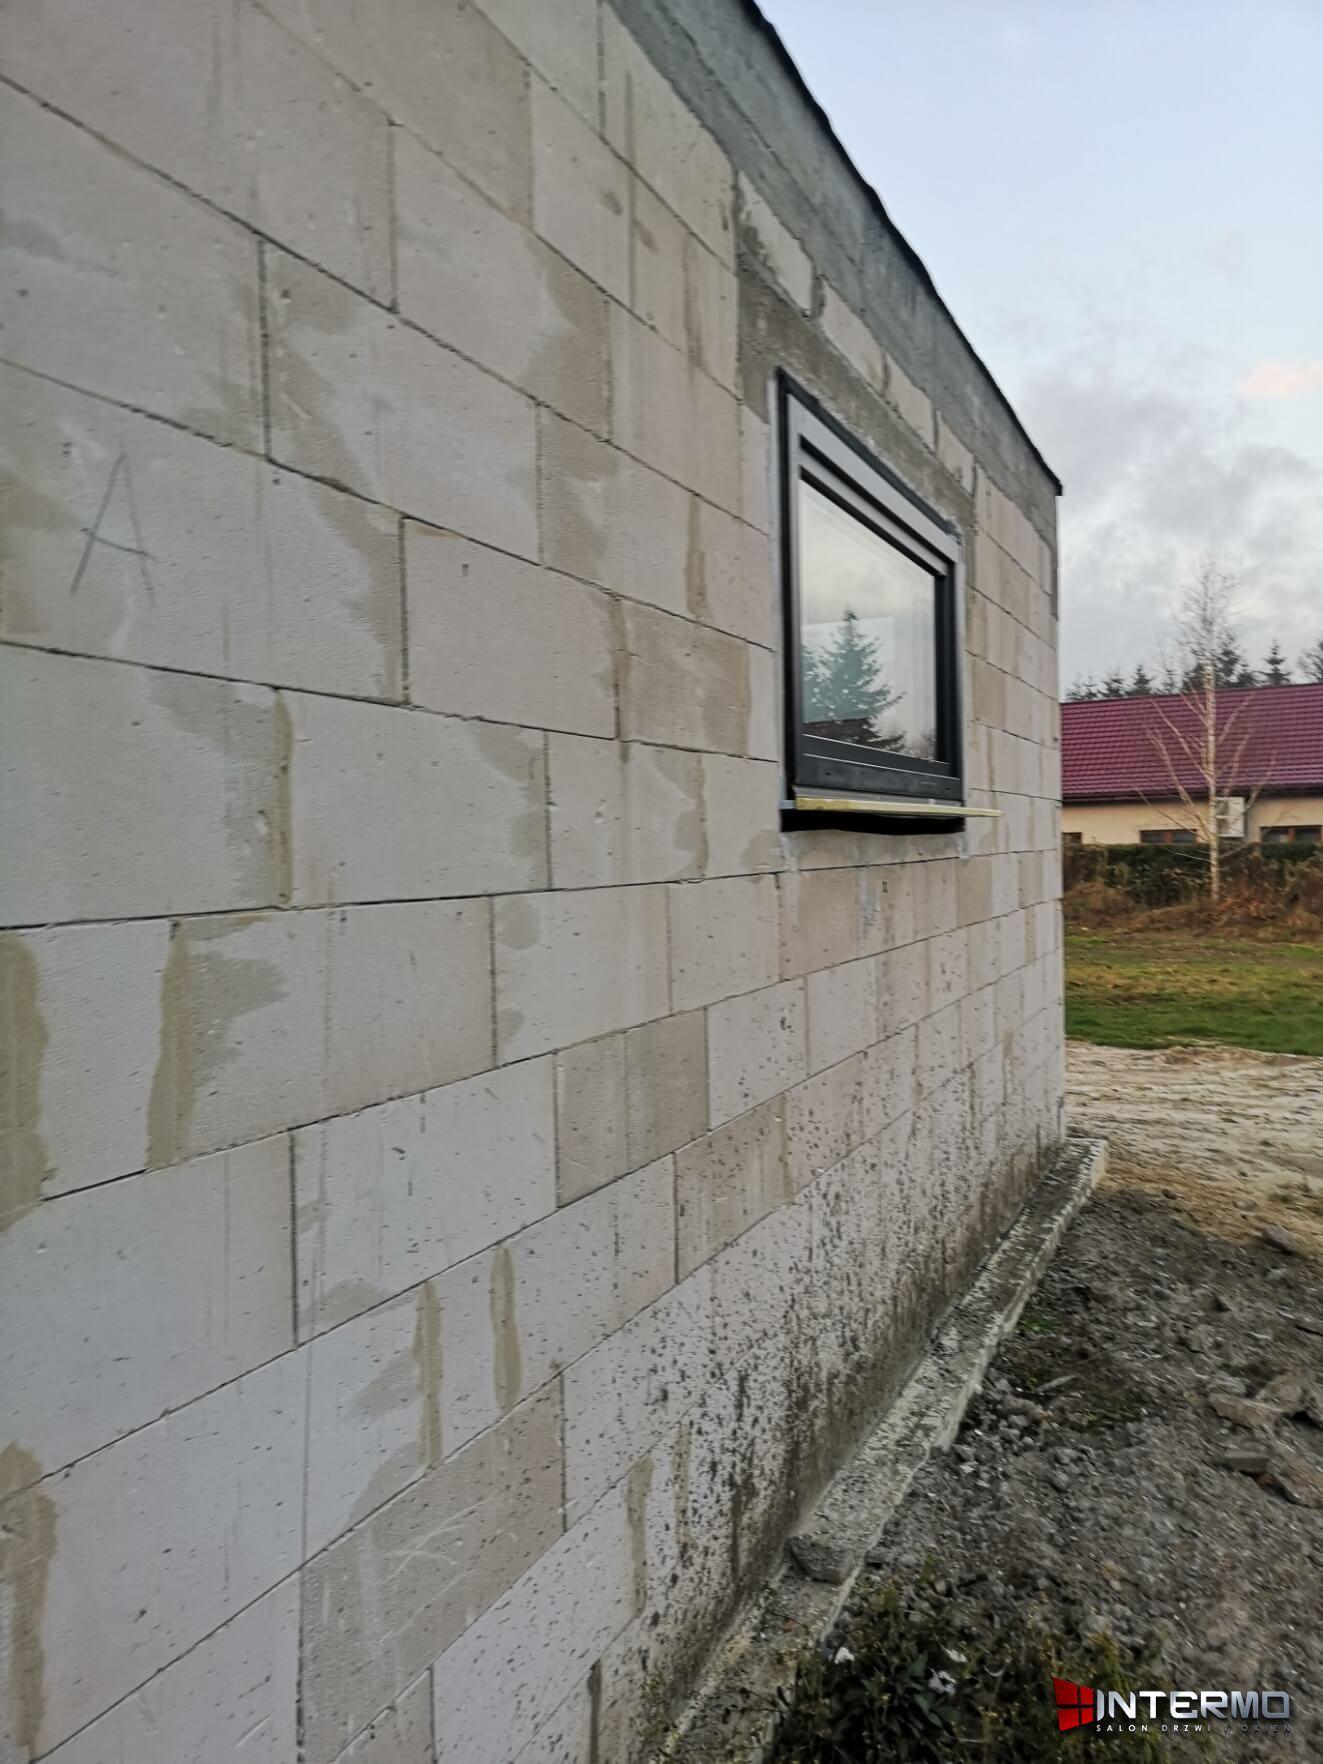 Małe okno na ścianie budynku